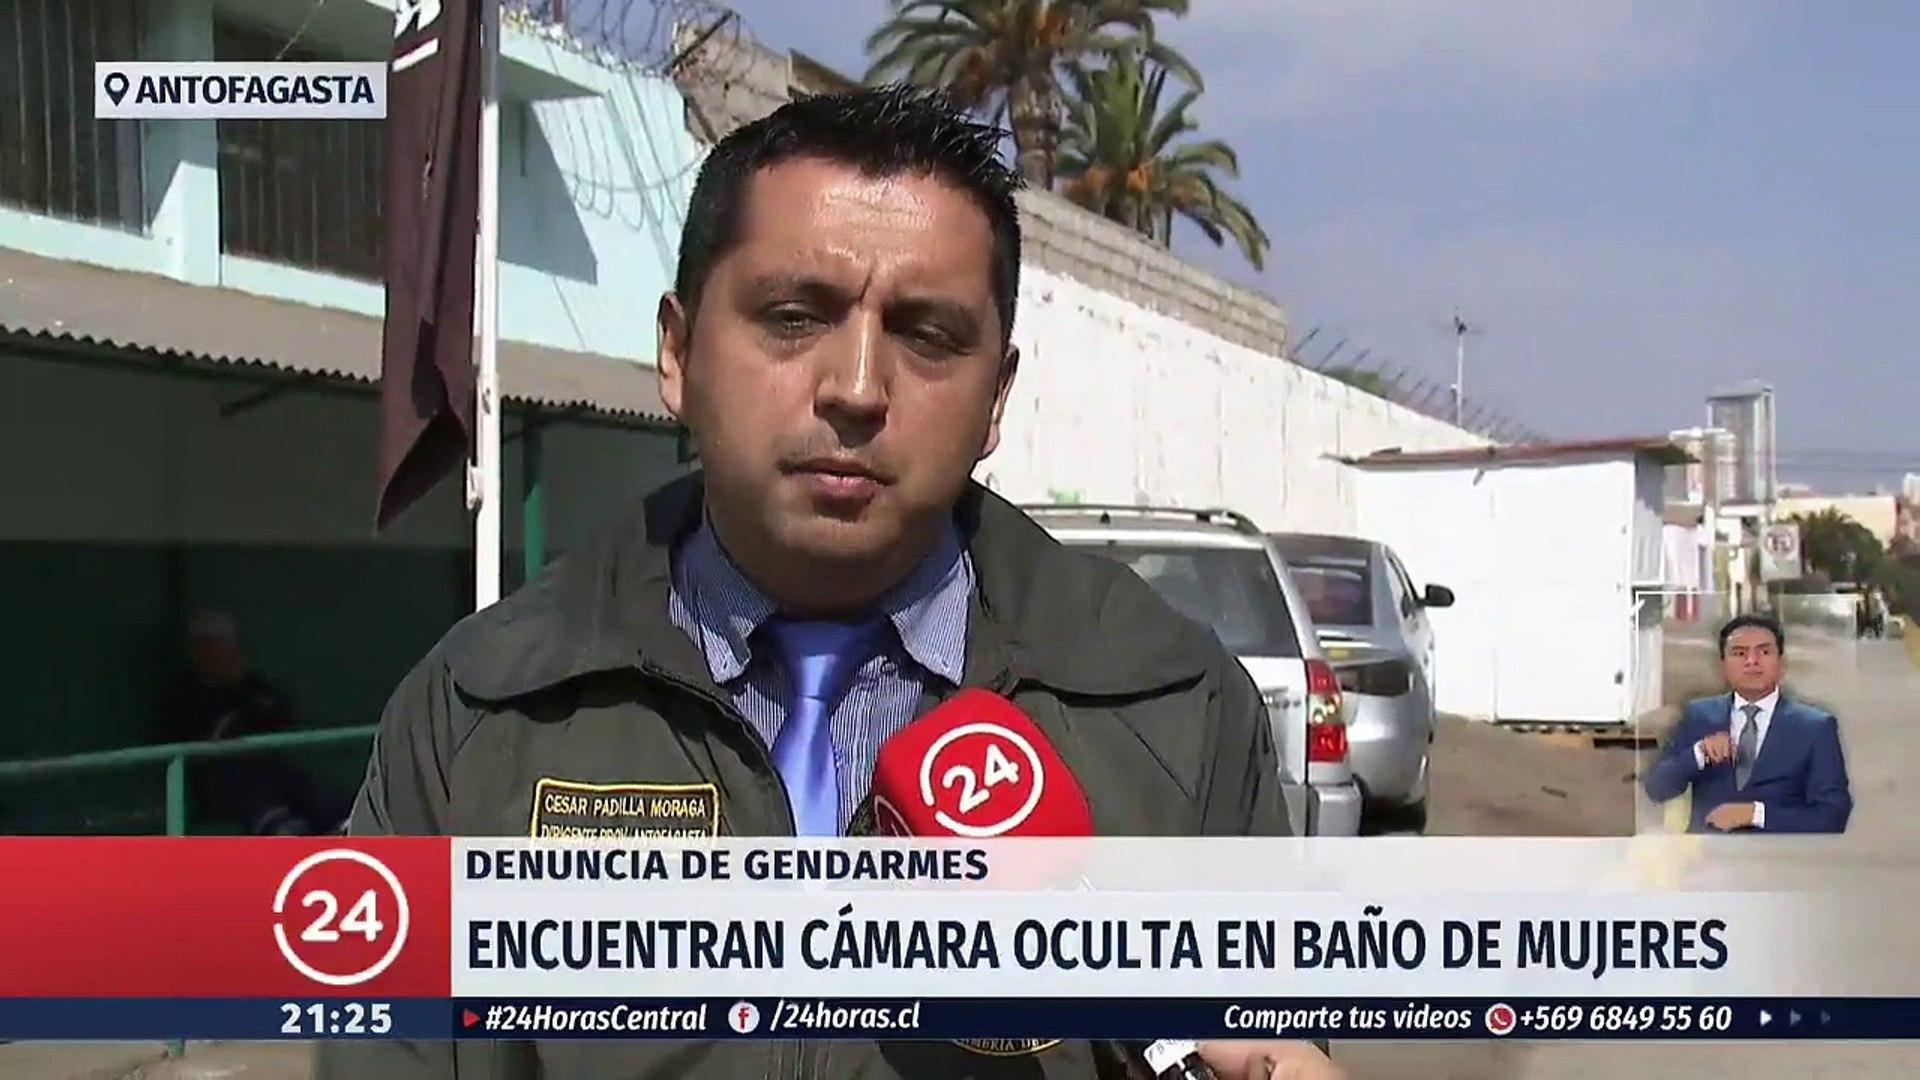 Camara Oculta Mujeres encuentran cámara oculta en baño de mujeres de gendarmería de antofagasta